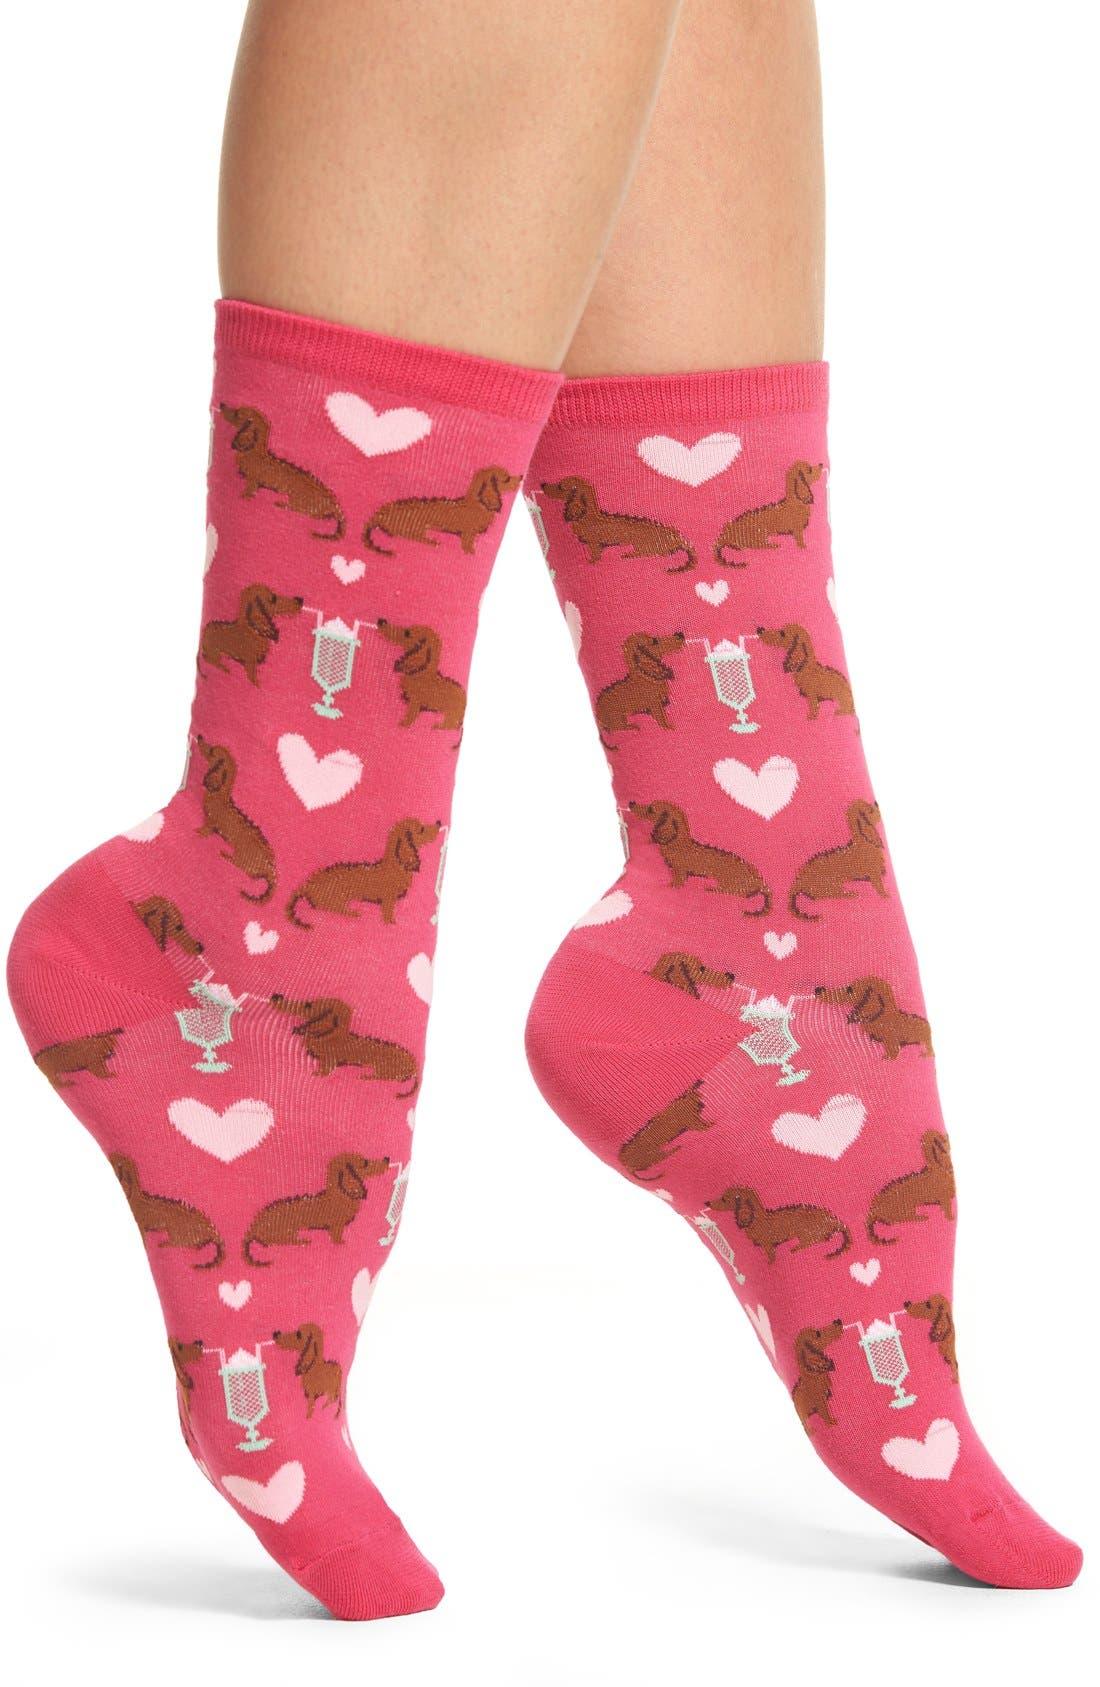 Hot Sox 'Dogs & Milkshake' Crew Socks (3 for $15)